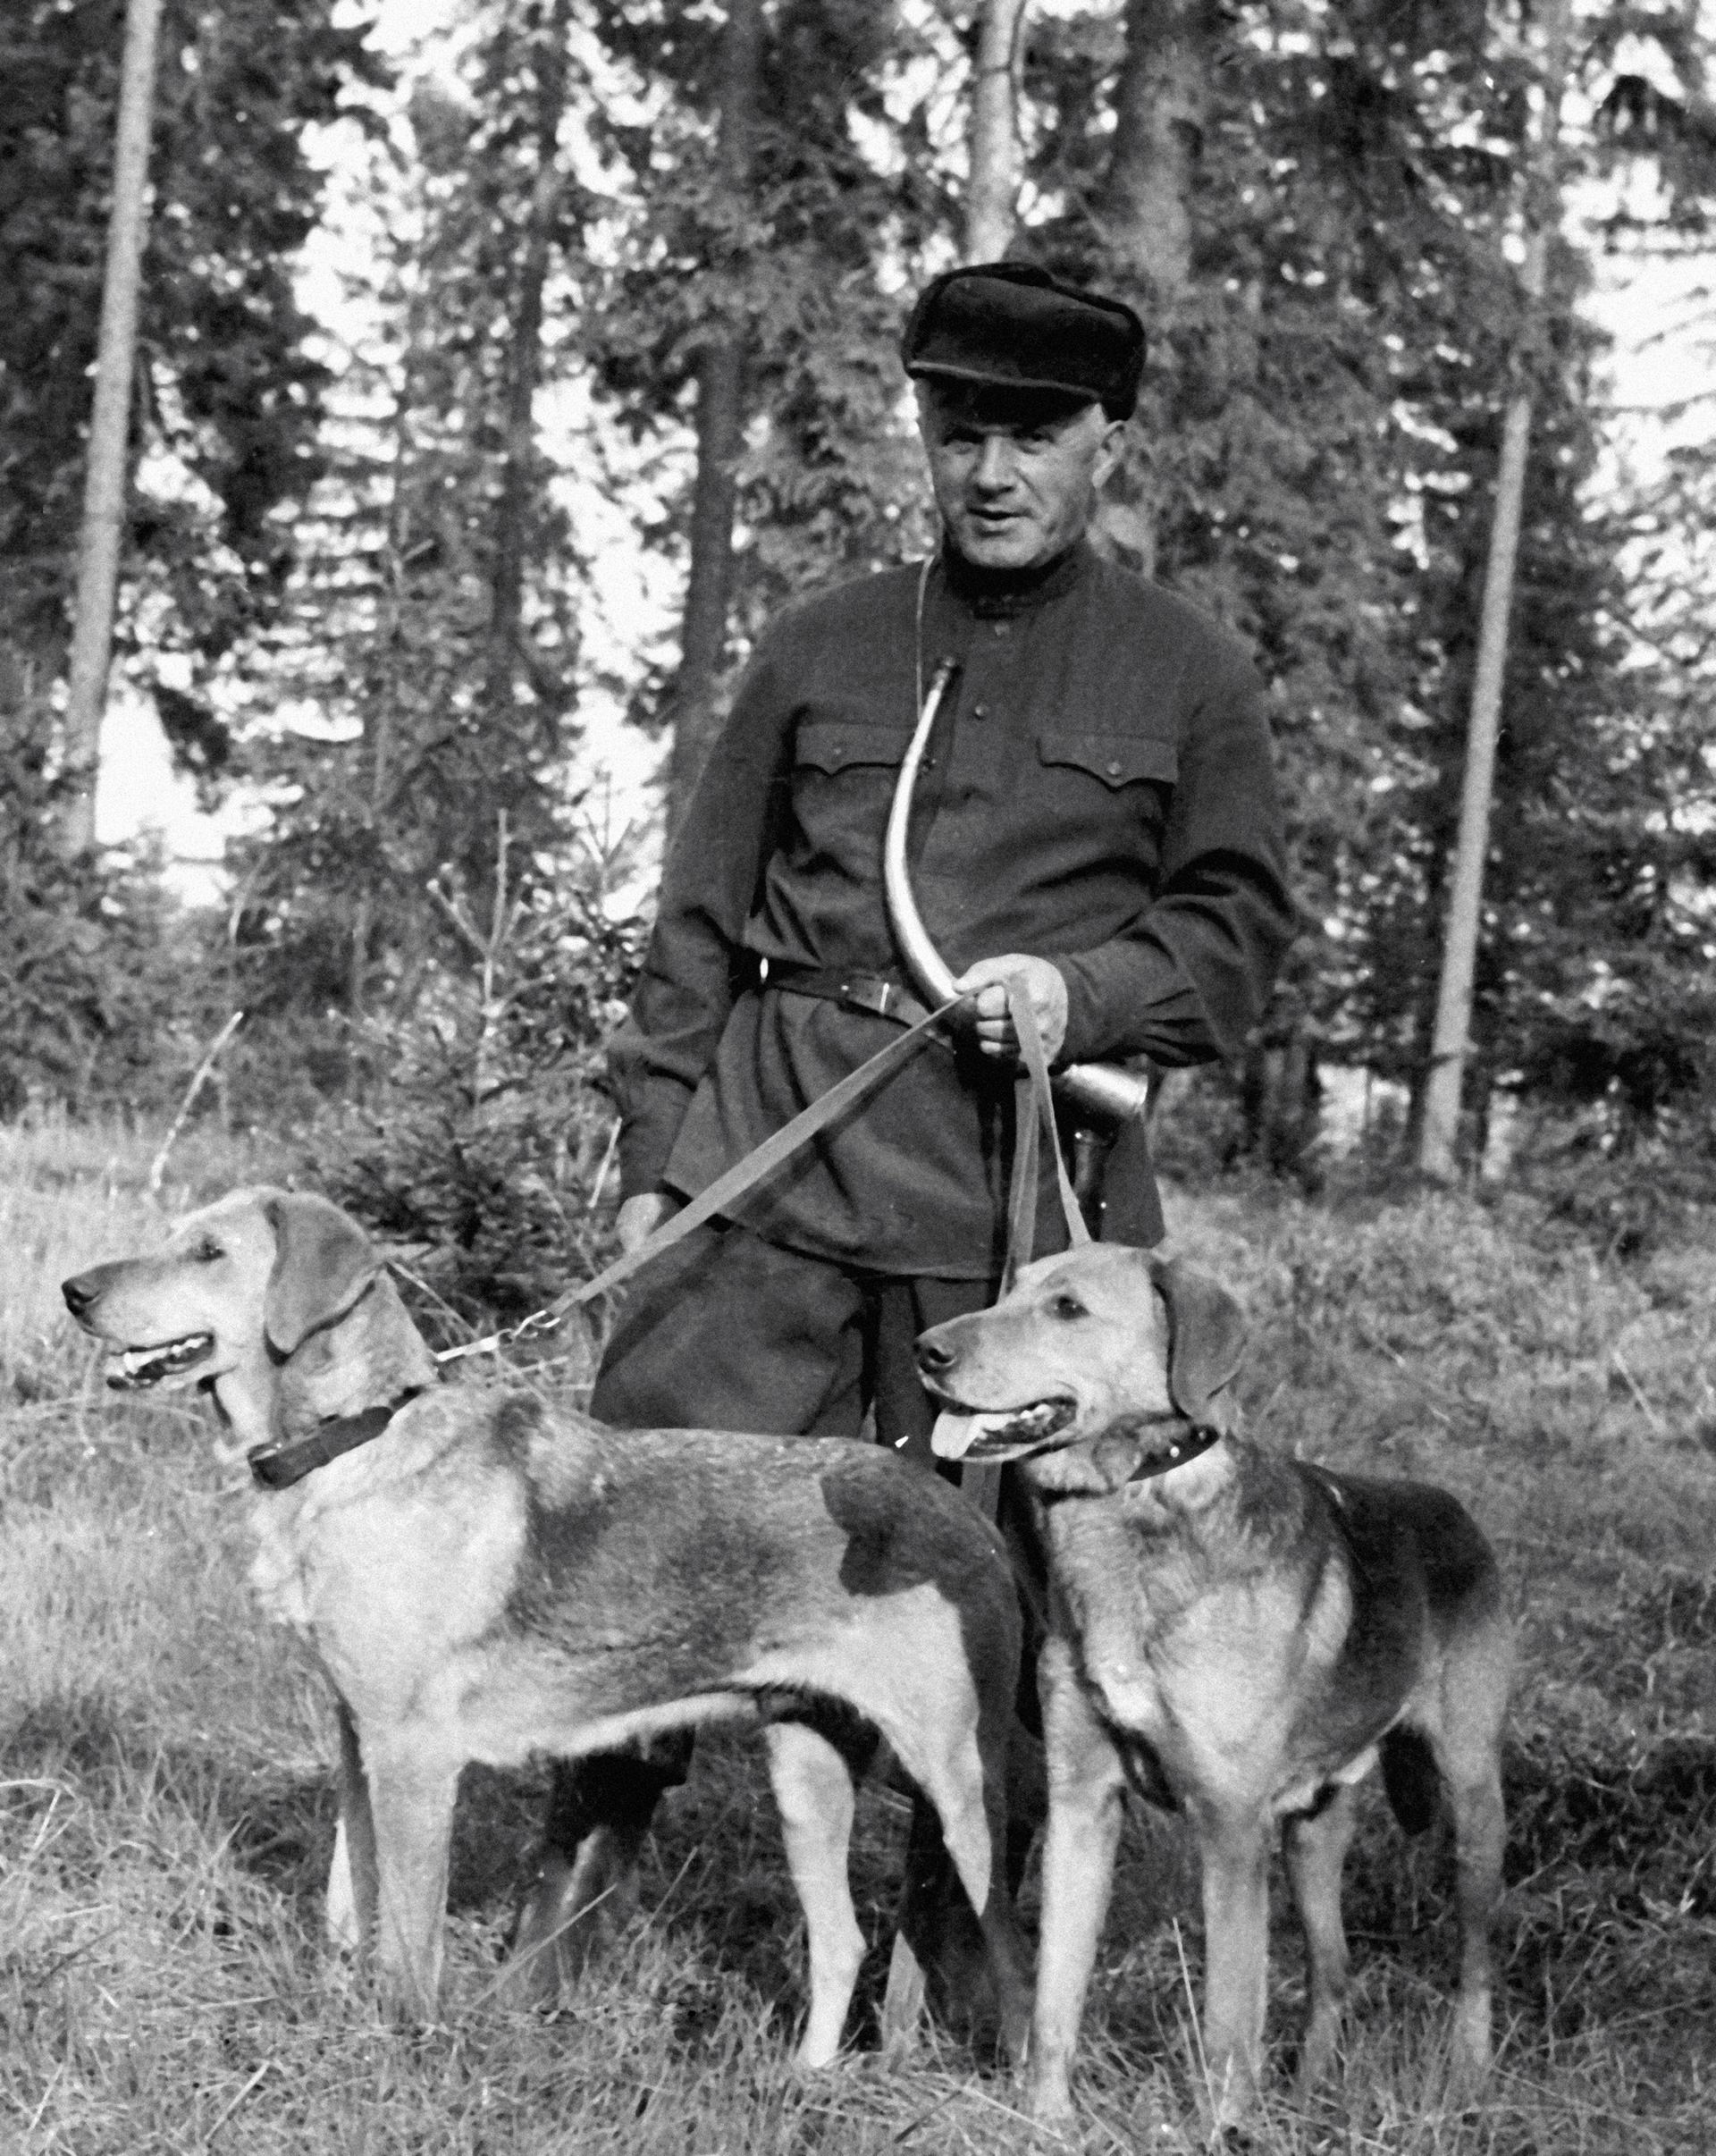 カレリアのハンターと愛犬のロシアン・ハウンド、シュガイとコペイカ。